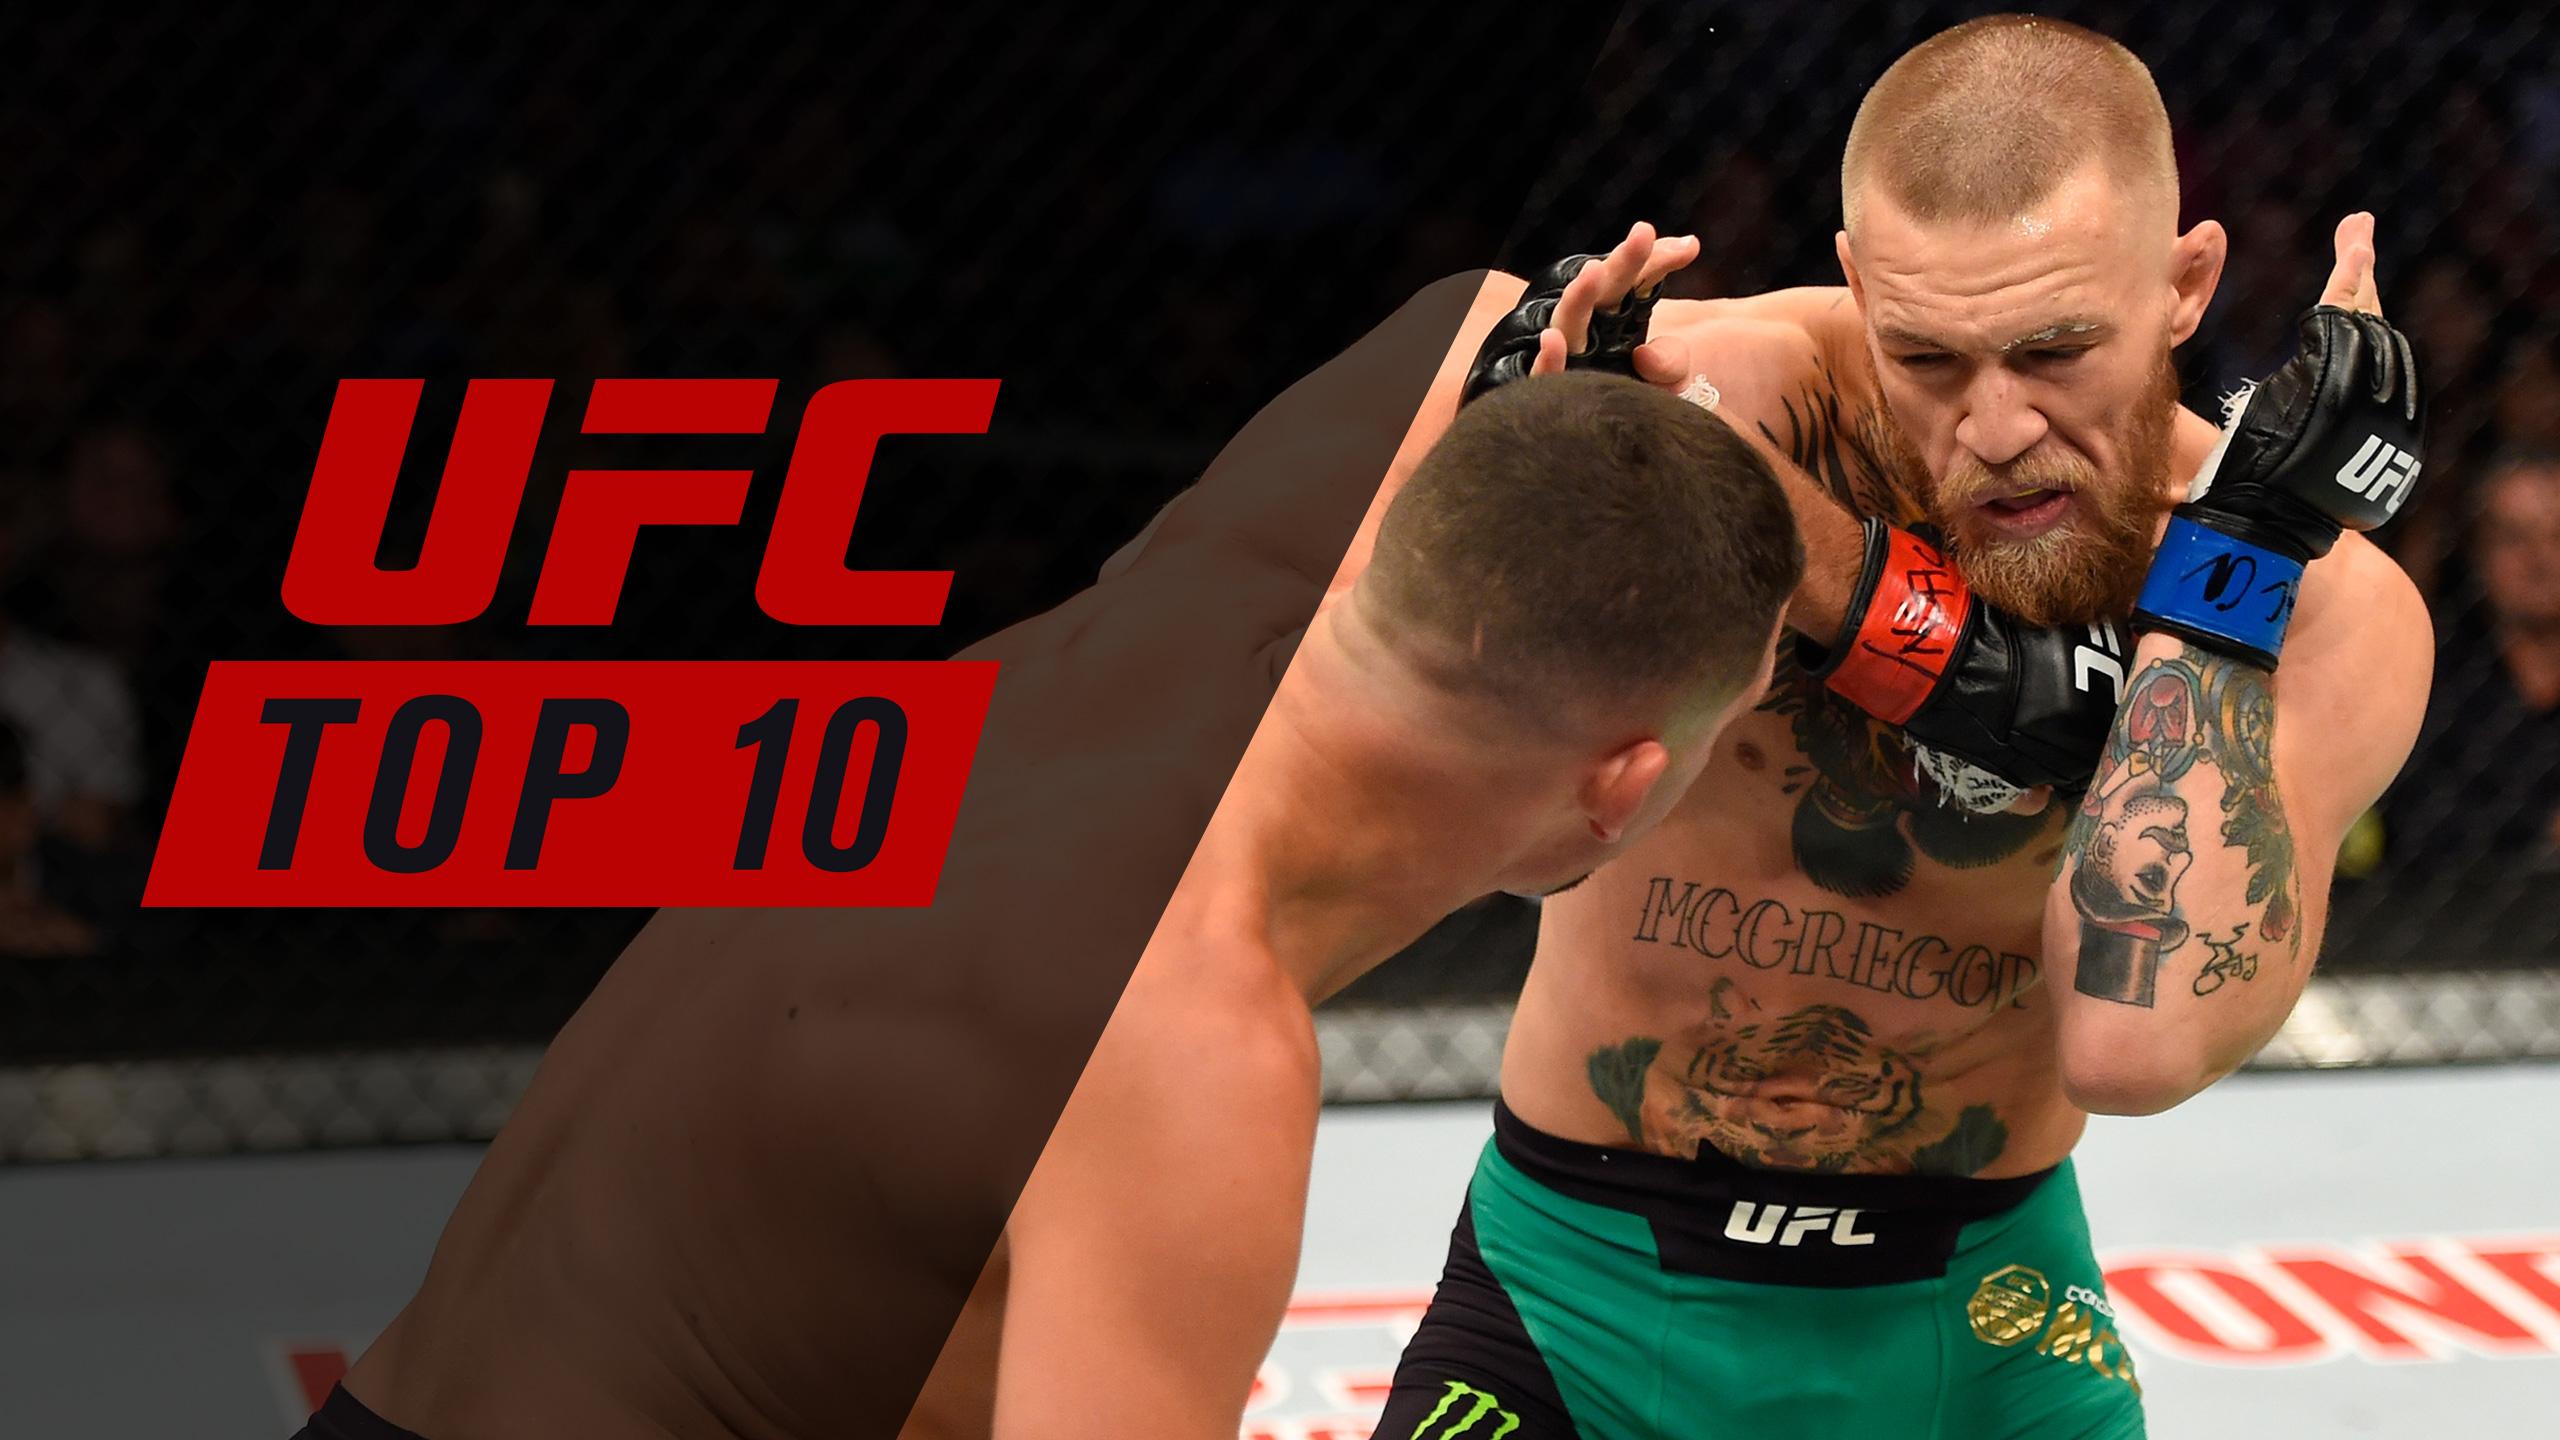 UFC Top 10: Upsets